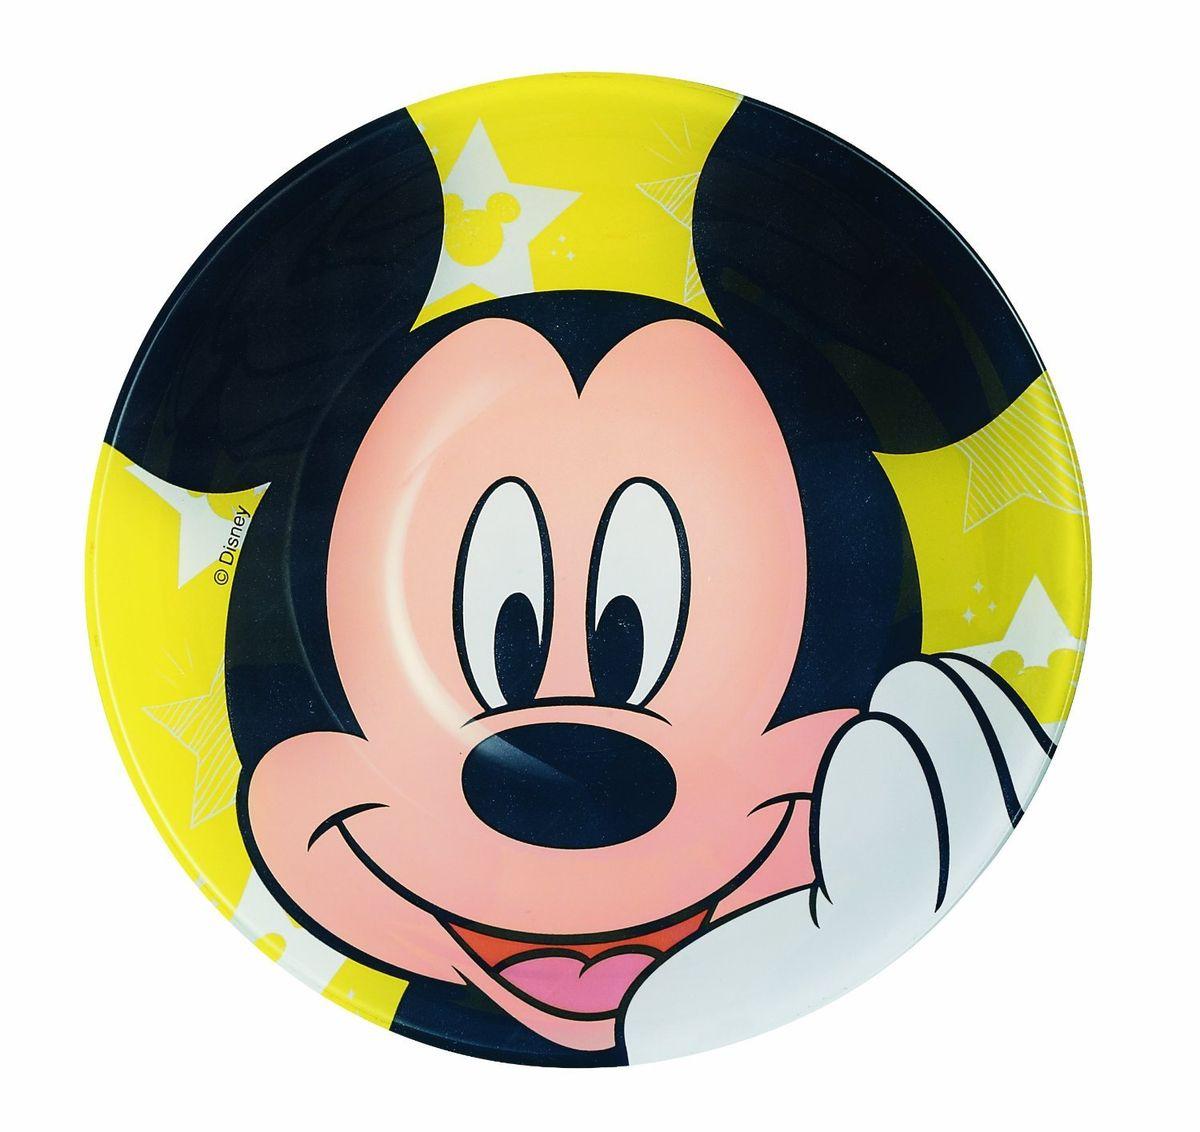 Салатник Luminarc Oh, Minnie, диаметр 16 смH6439Салатник Luminarc Oh, Minnie выполнен из высококачественного стекла. Он приведет в восторг вашего ребенка и станет достойным дополнением к кухонному инвентарю. Диаметр салатника (по верхнему краю): 16 см.